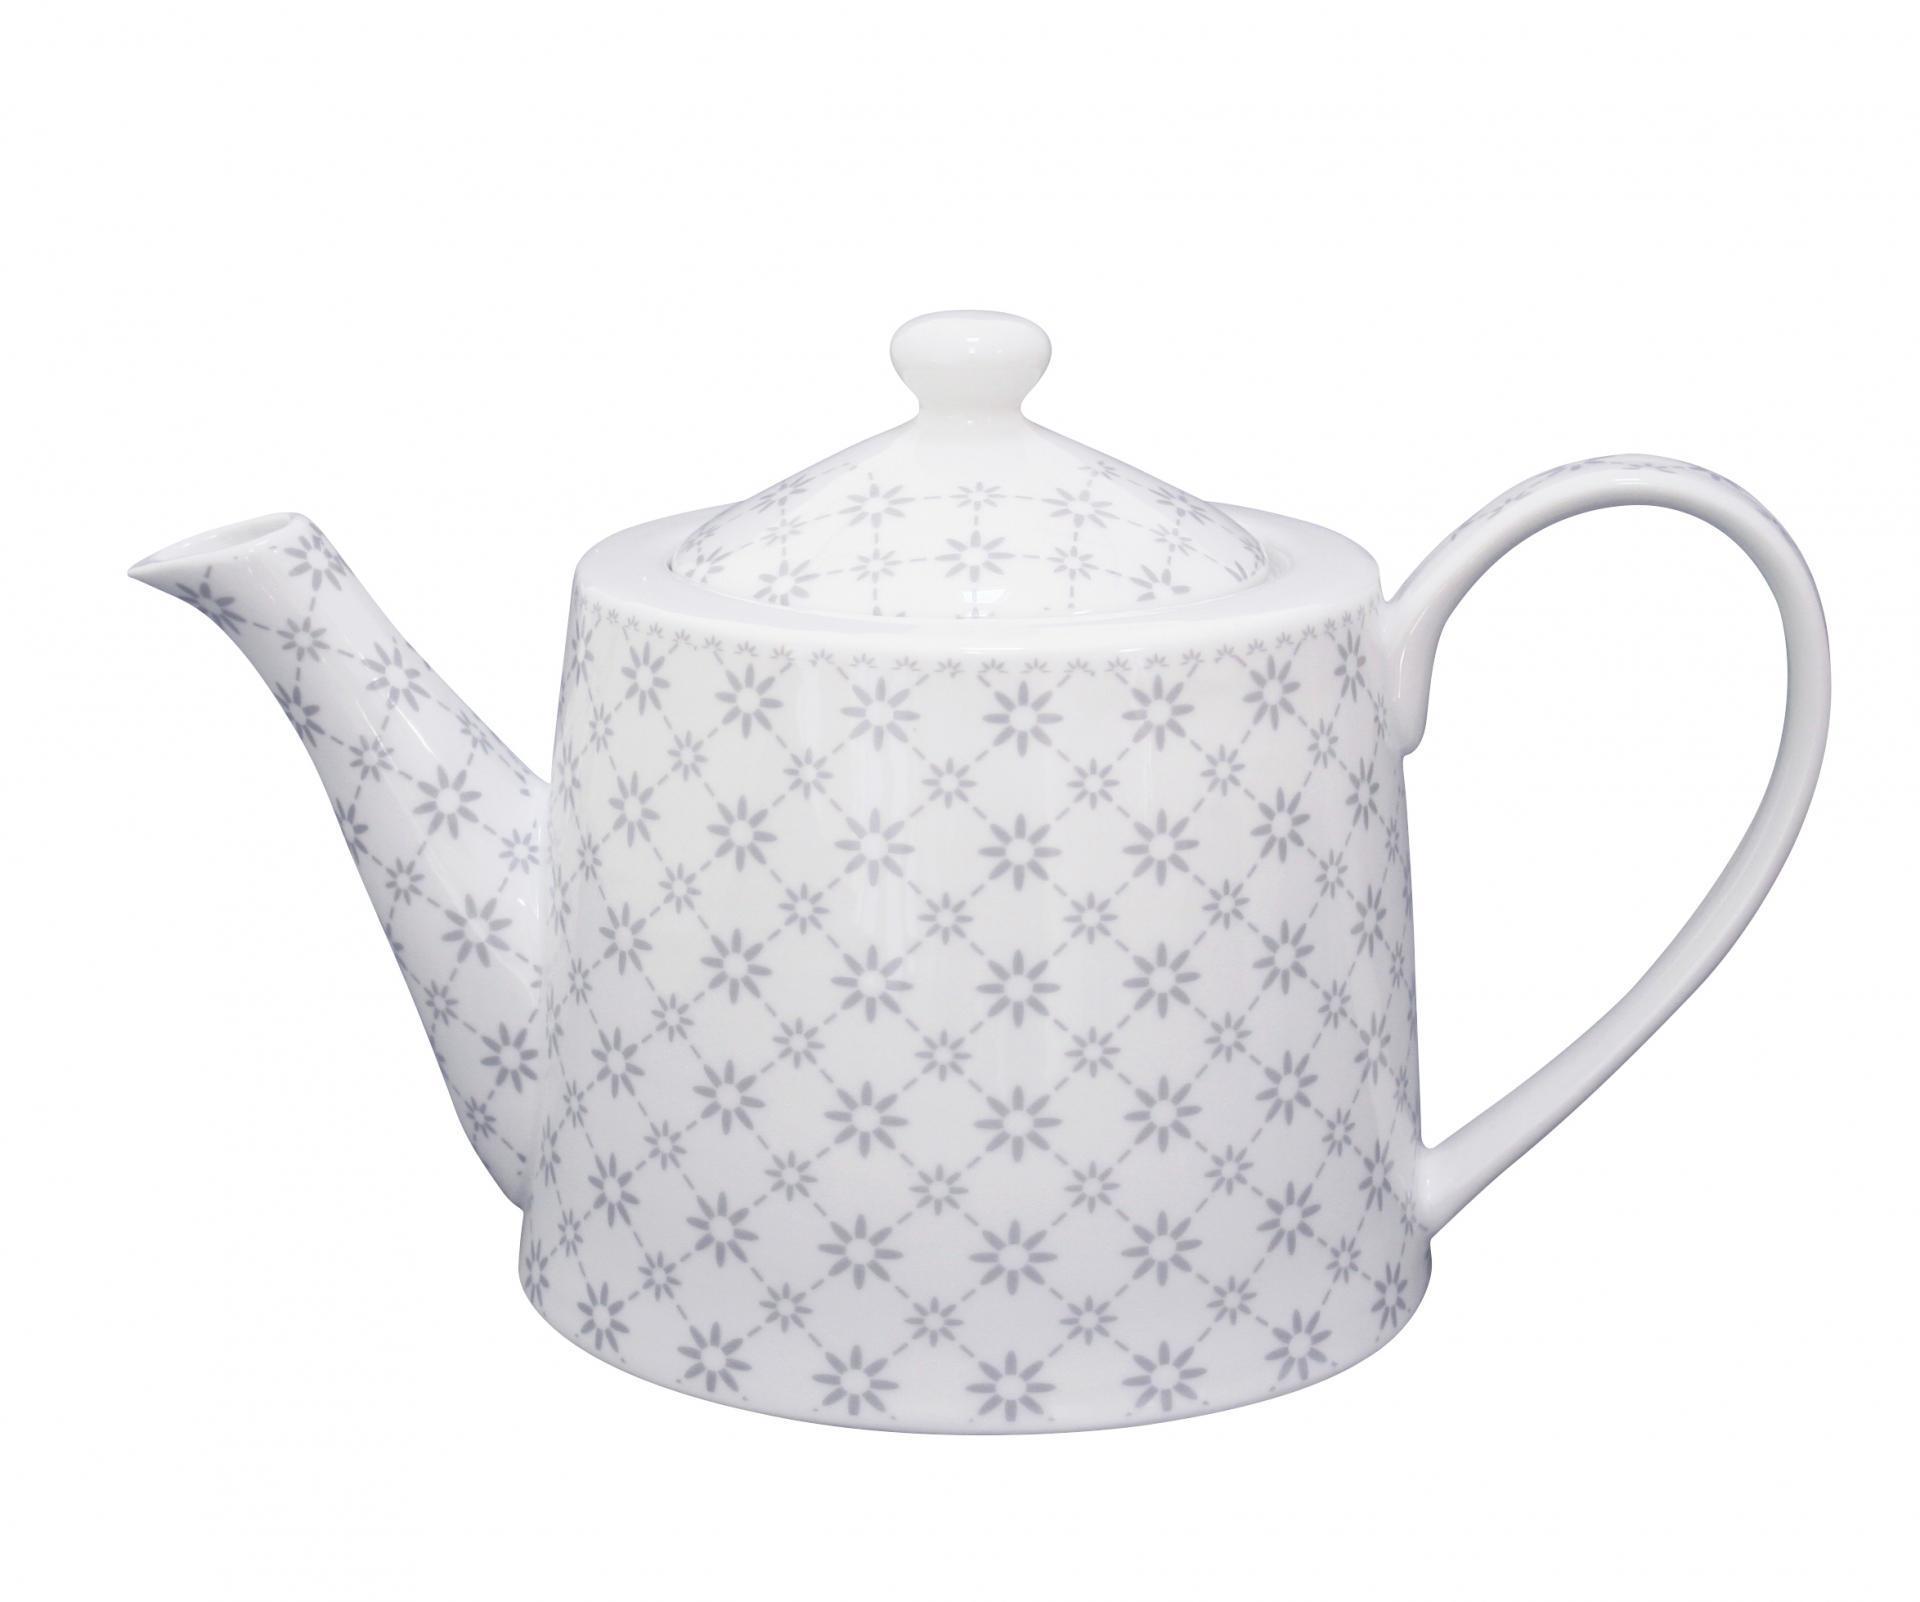 Krasilnikoff Čajová konvice Flowers diagonal, šedá barva, bílá barva, porcelán